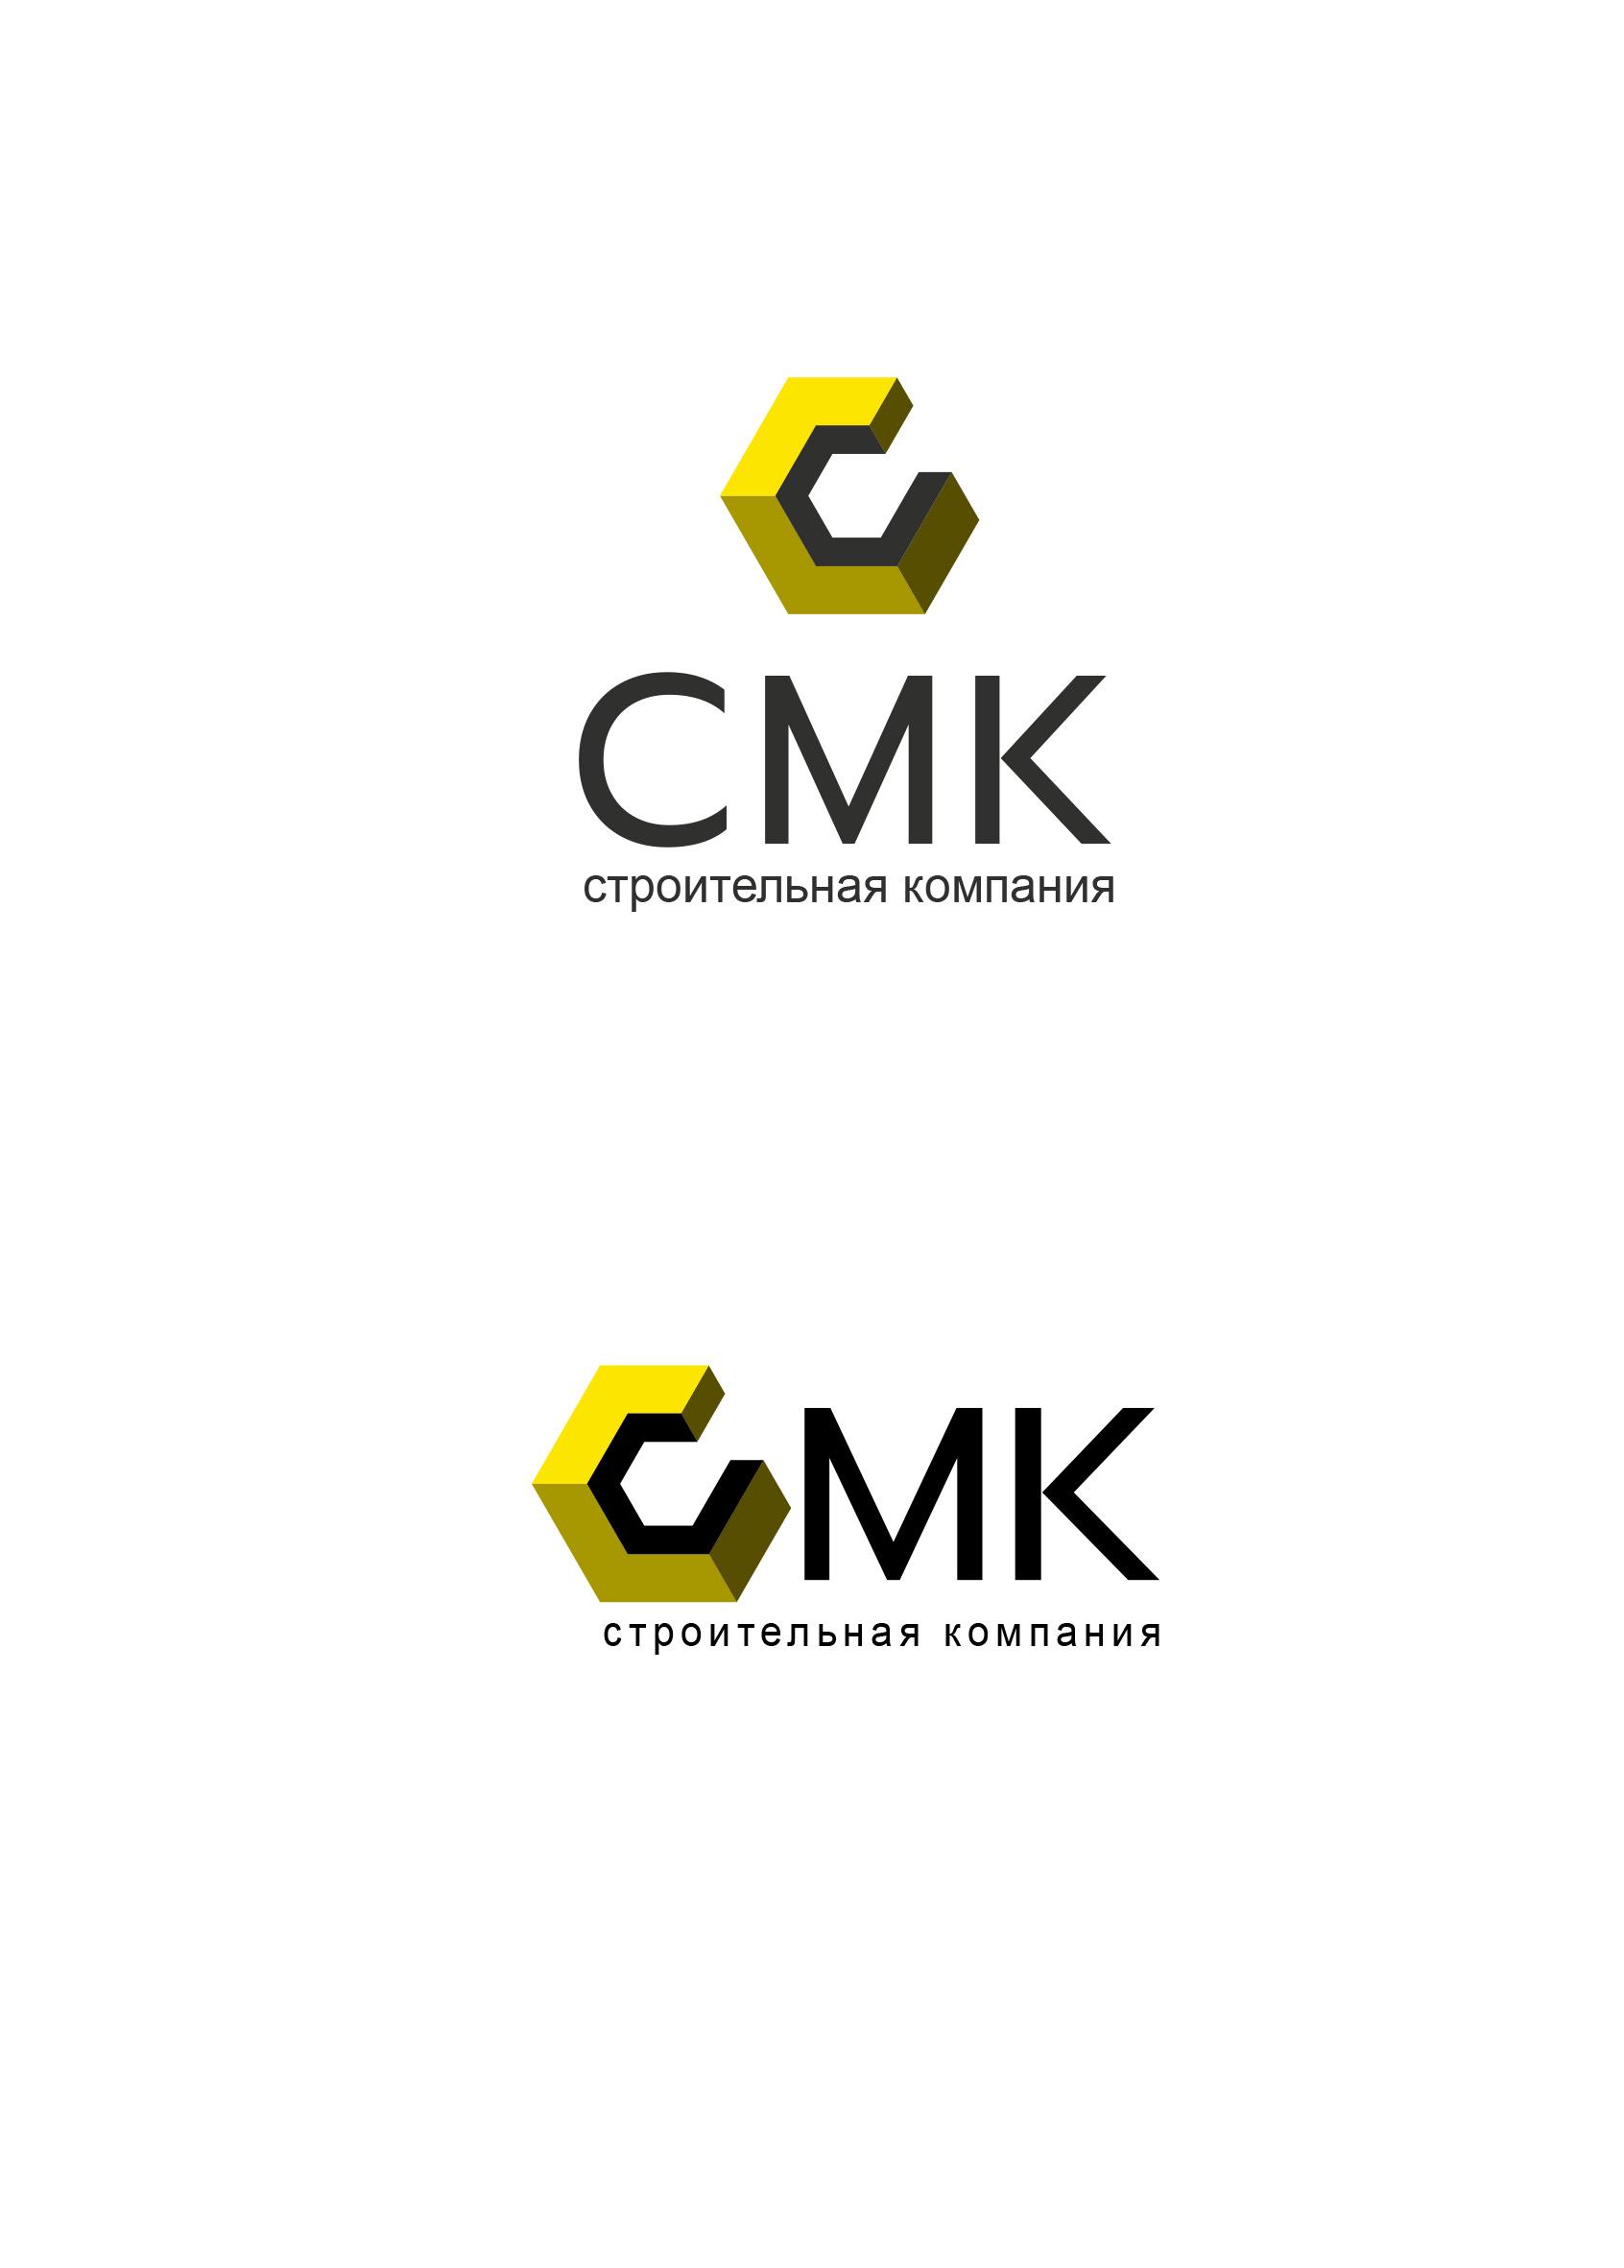 Разработка логотипа компании фото f_2695dc85eee7fd47.jpg